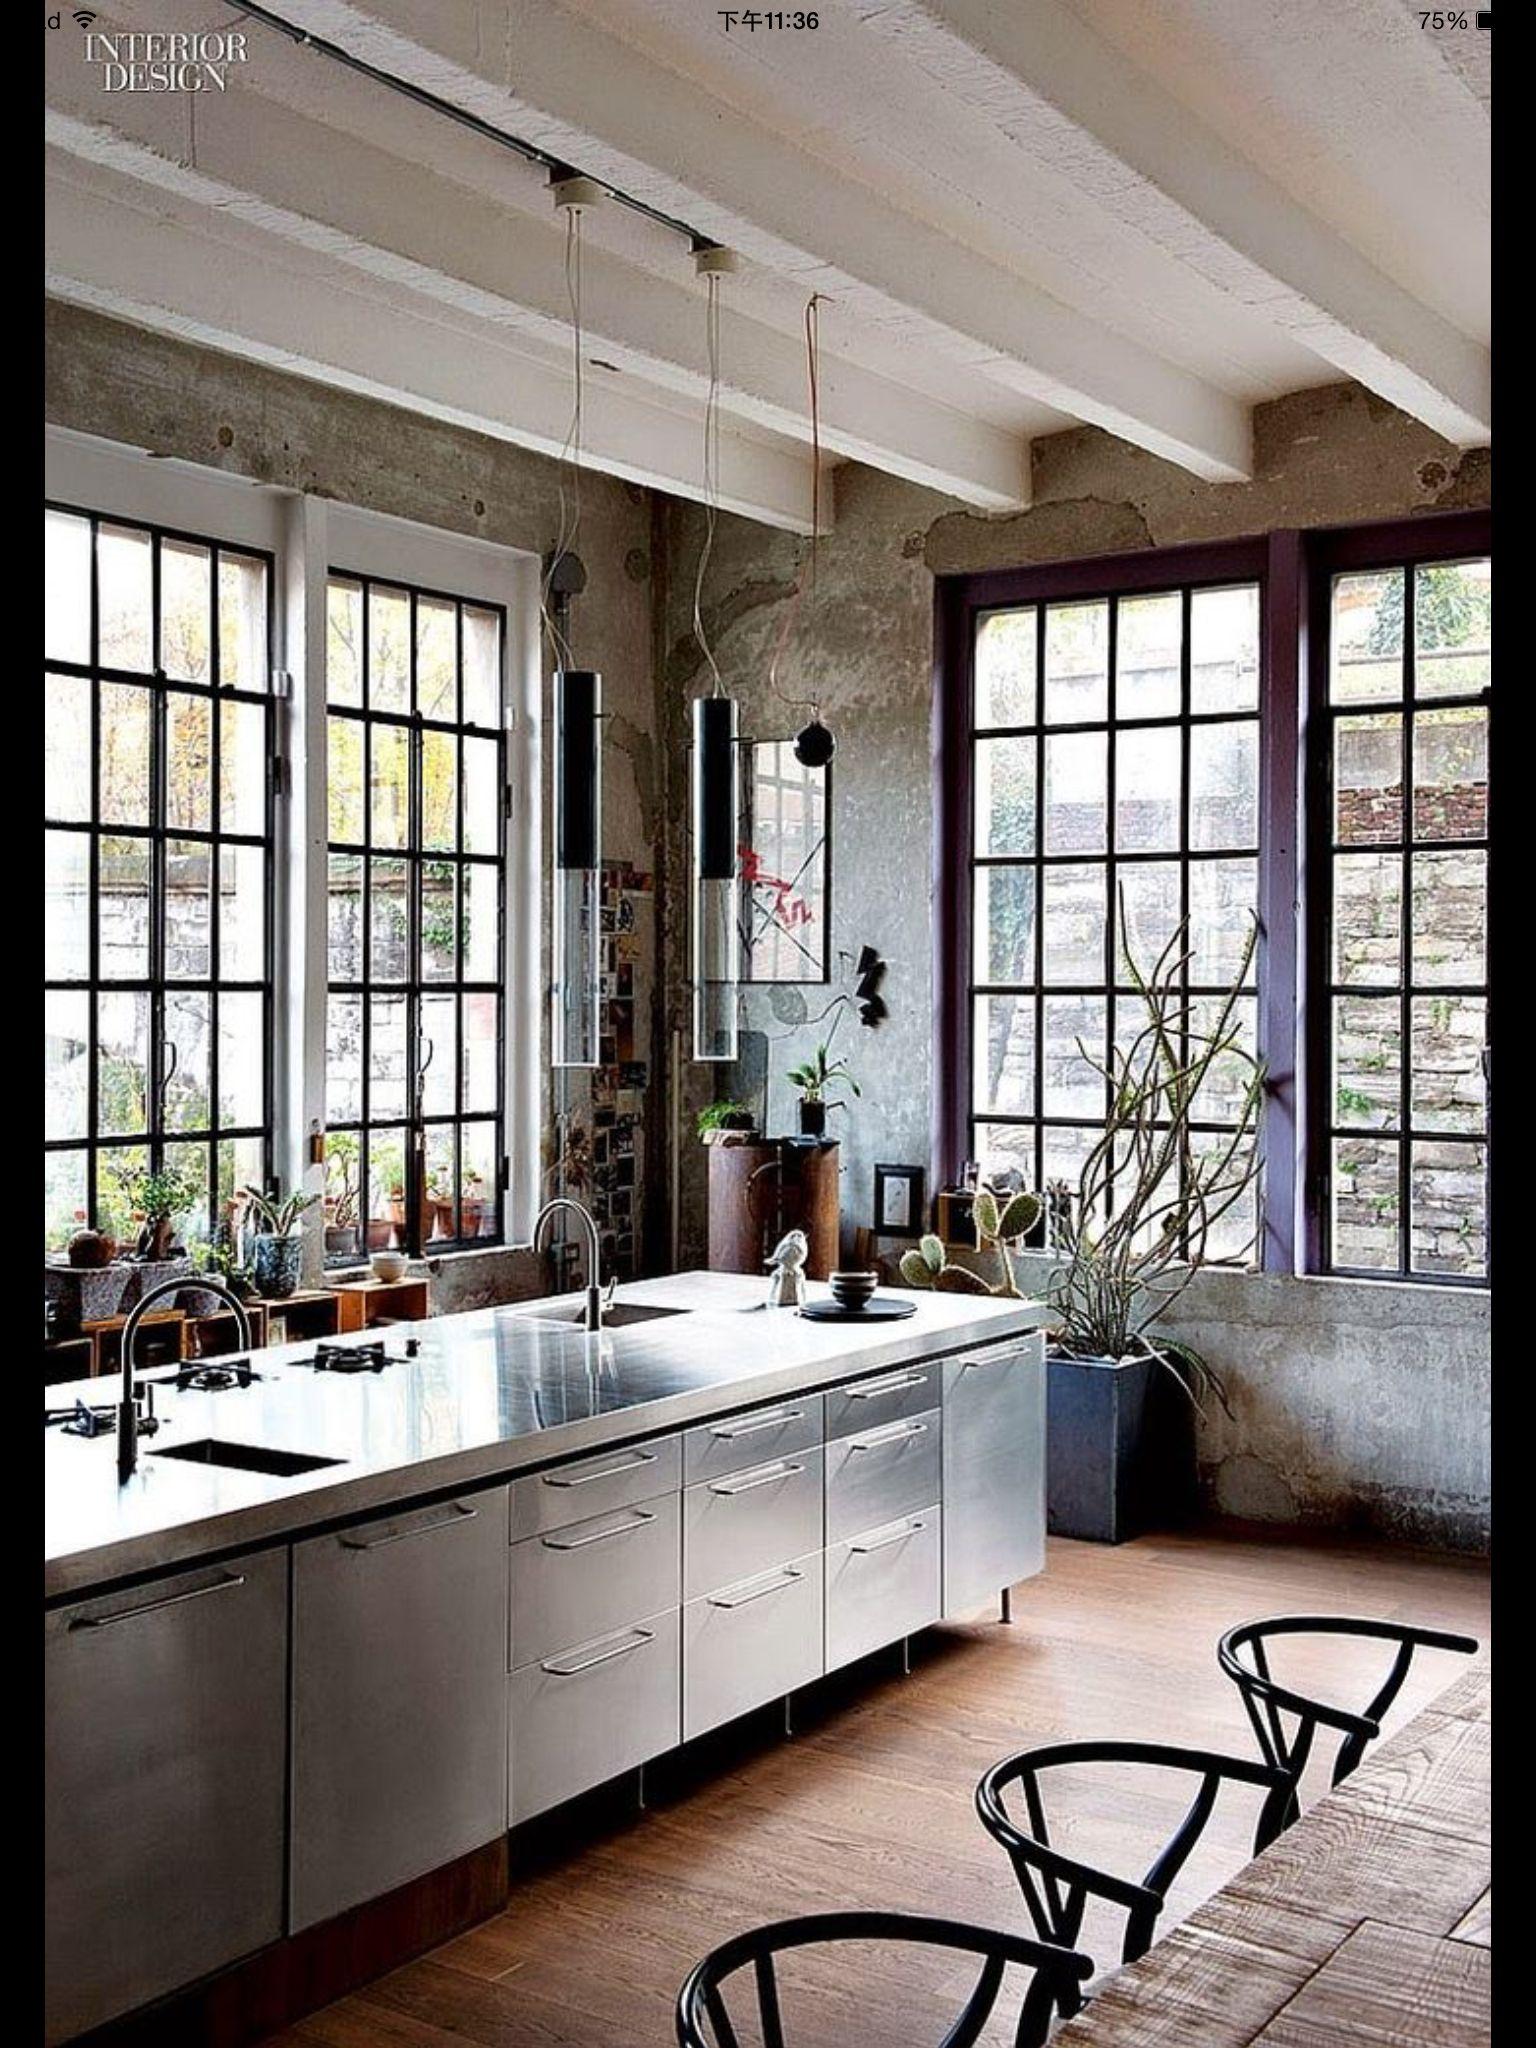 Kitchen In Stainless Steel Industrial Kitchen Design Industrial